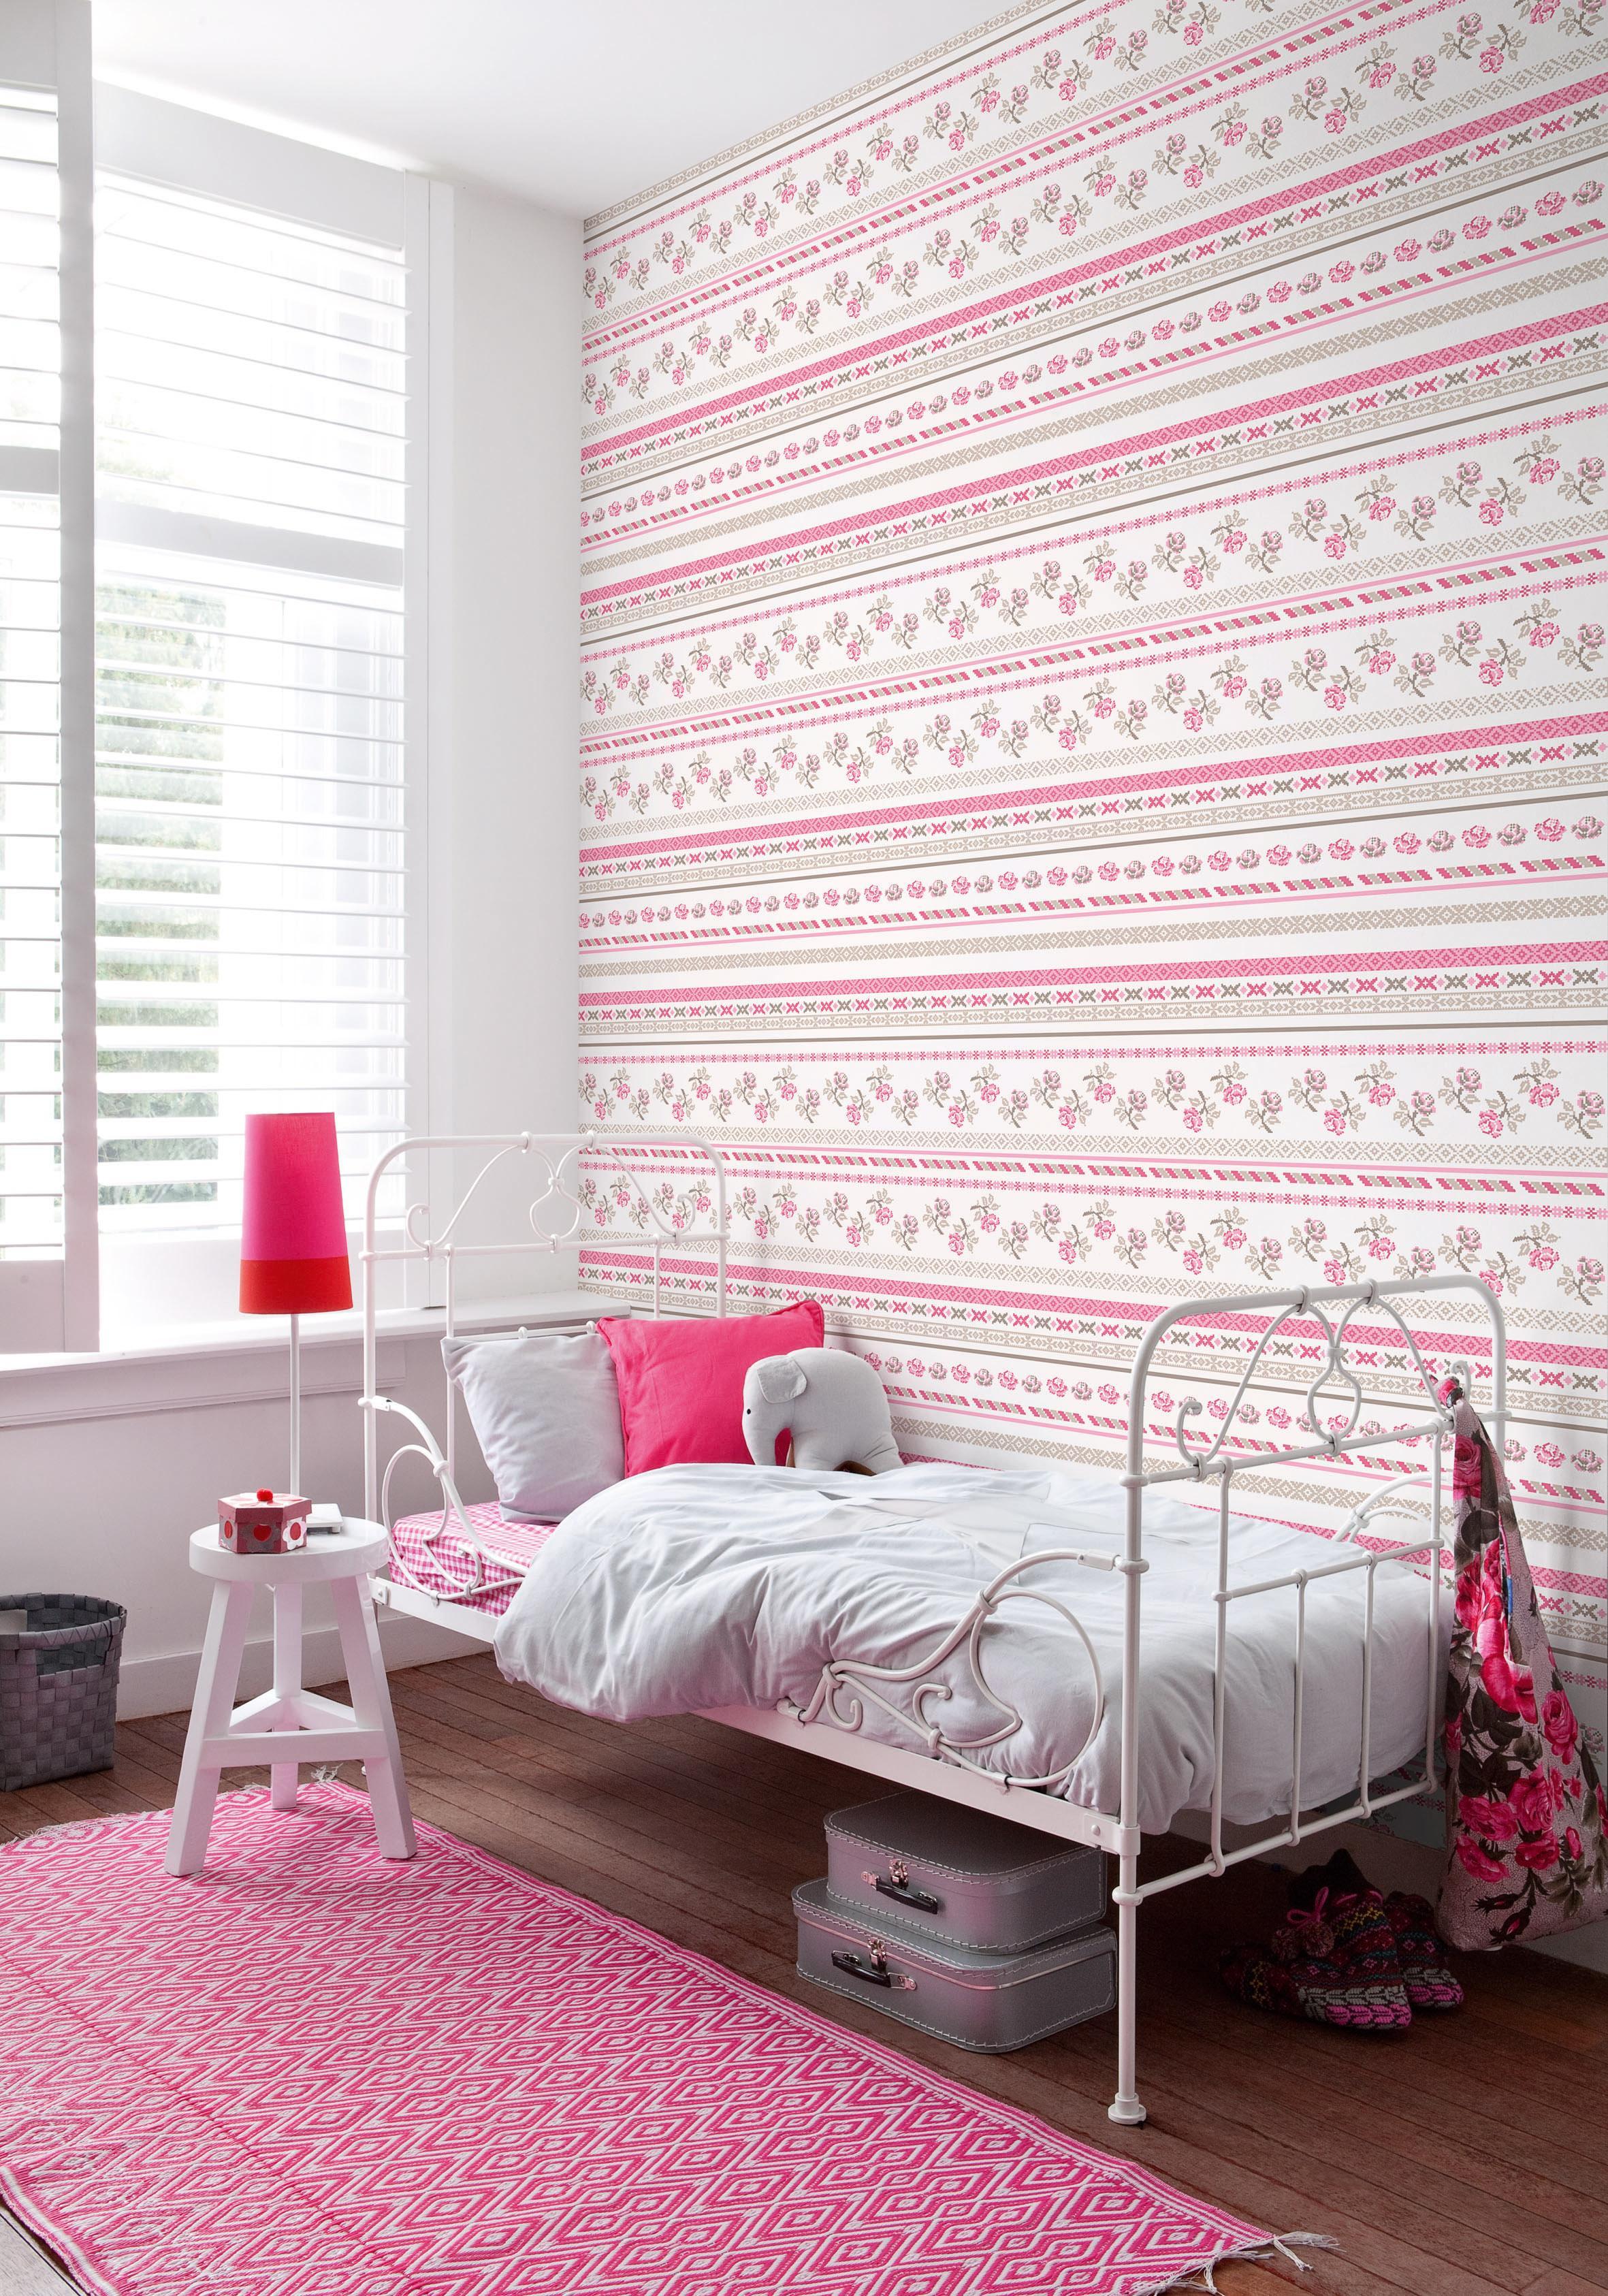 Mädchenzimmer in Rosa und Weiß #bett #teppich #muste...